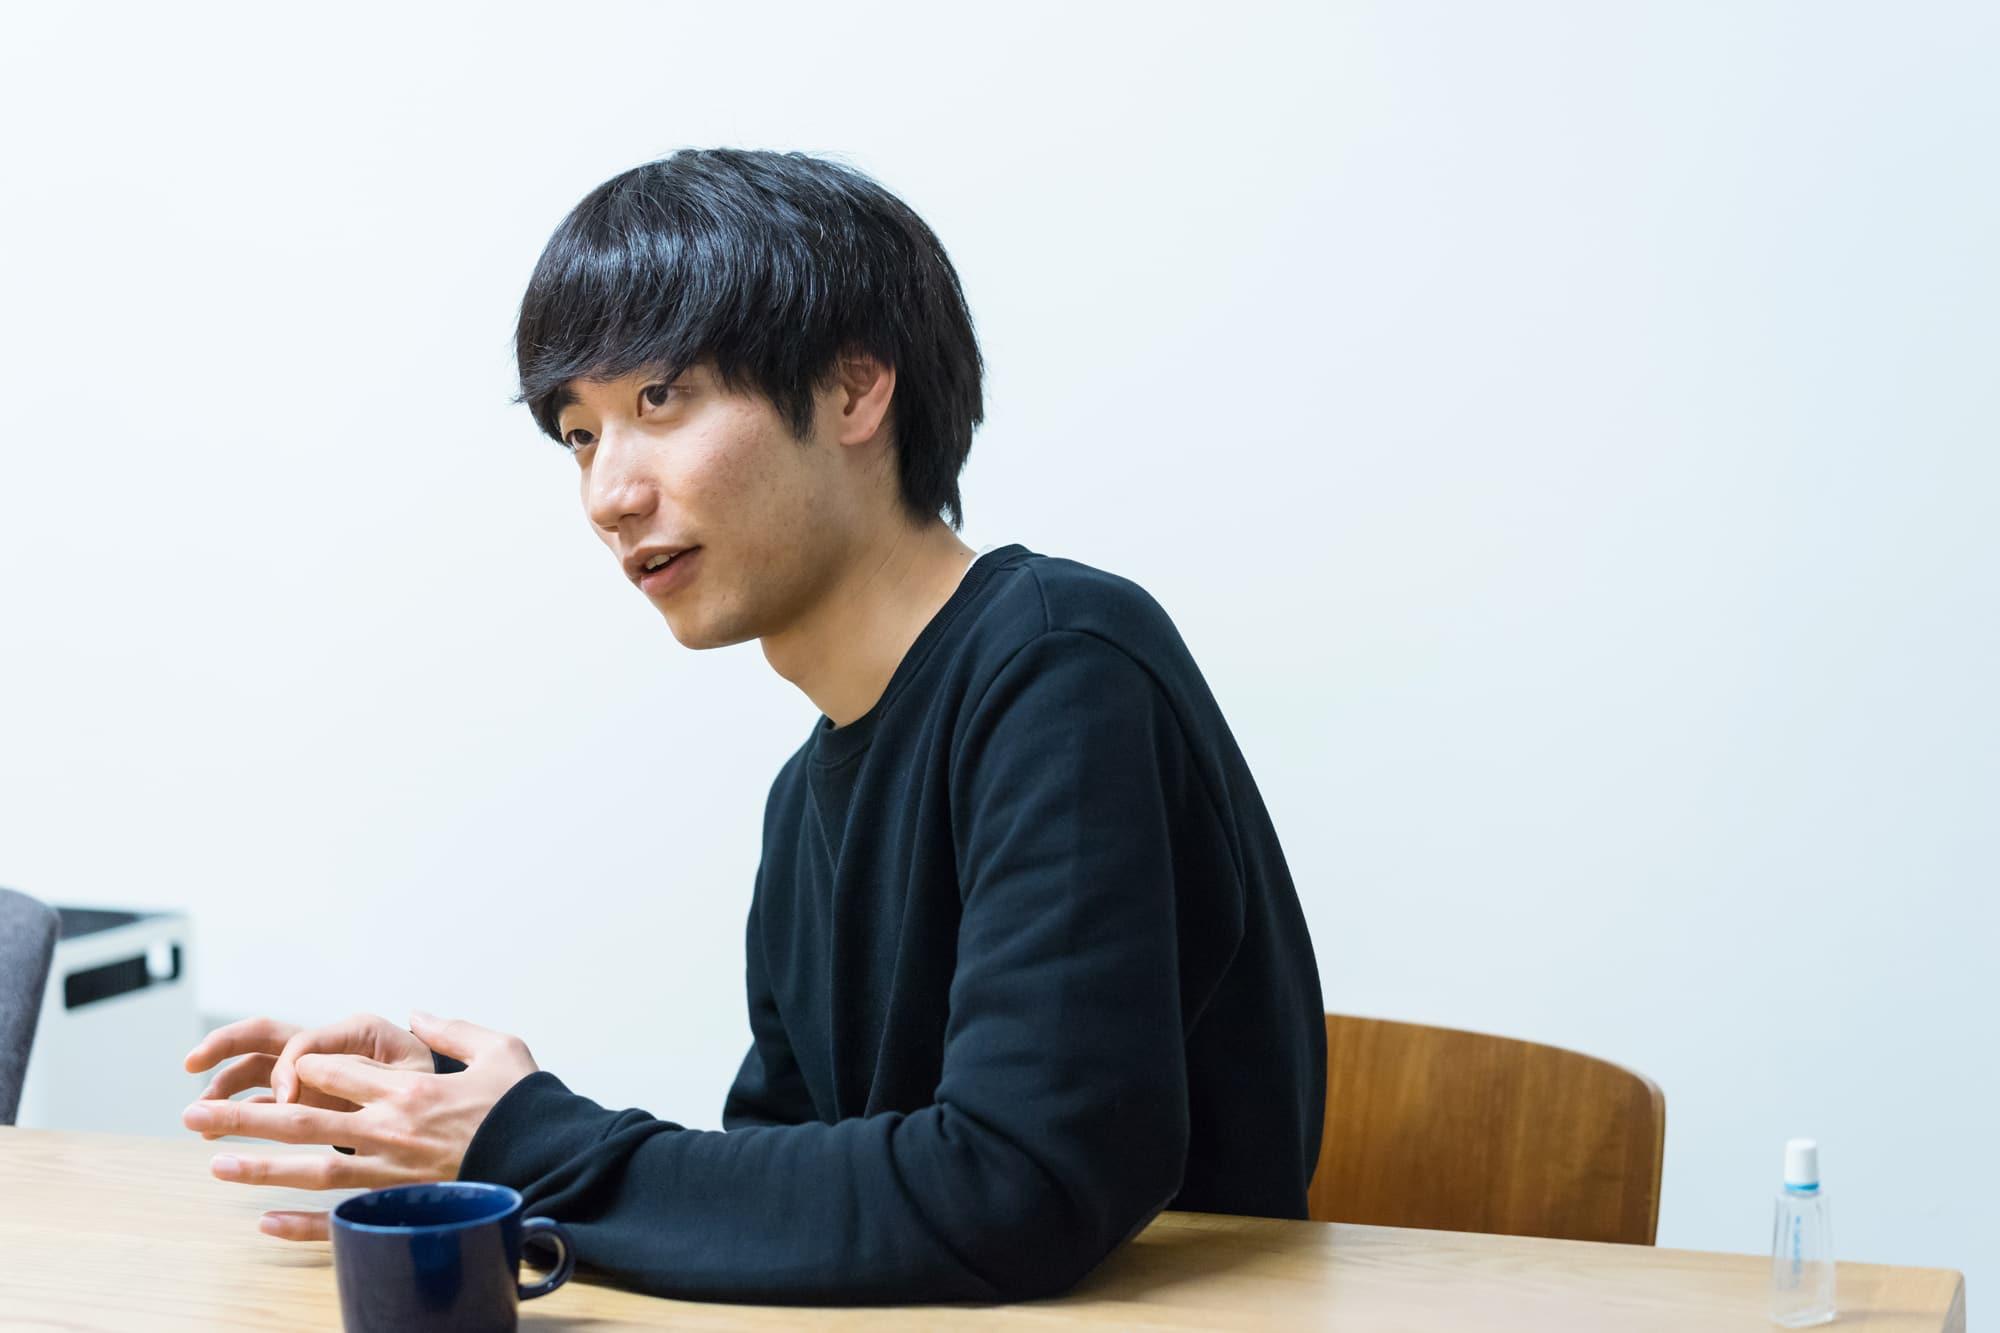 点と点のあいだを狙う、奥山由之写真展「君の住む街」   Interview Yoshiyuki Okuyama